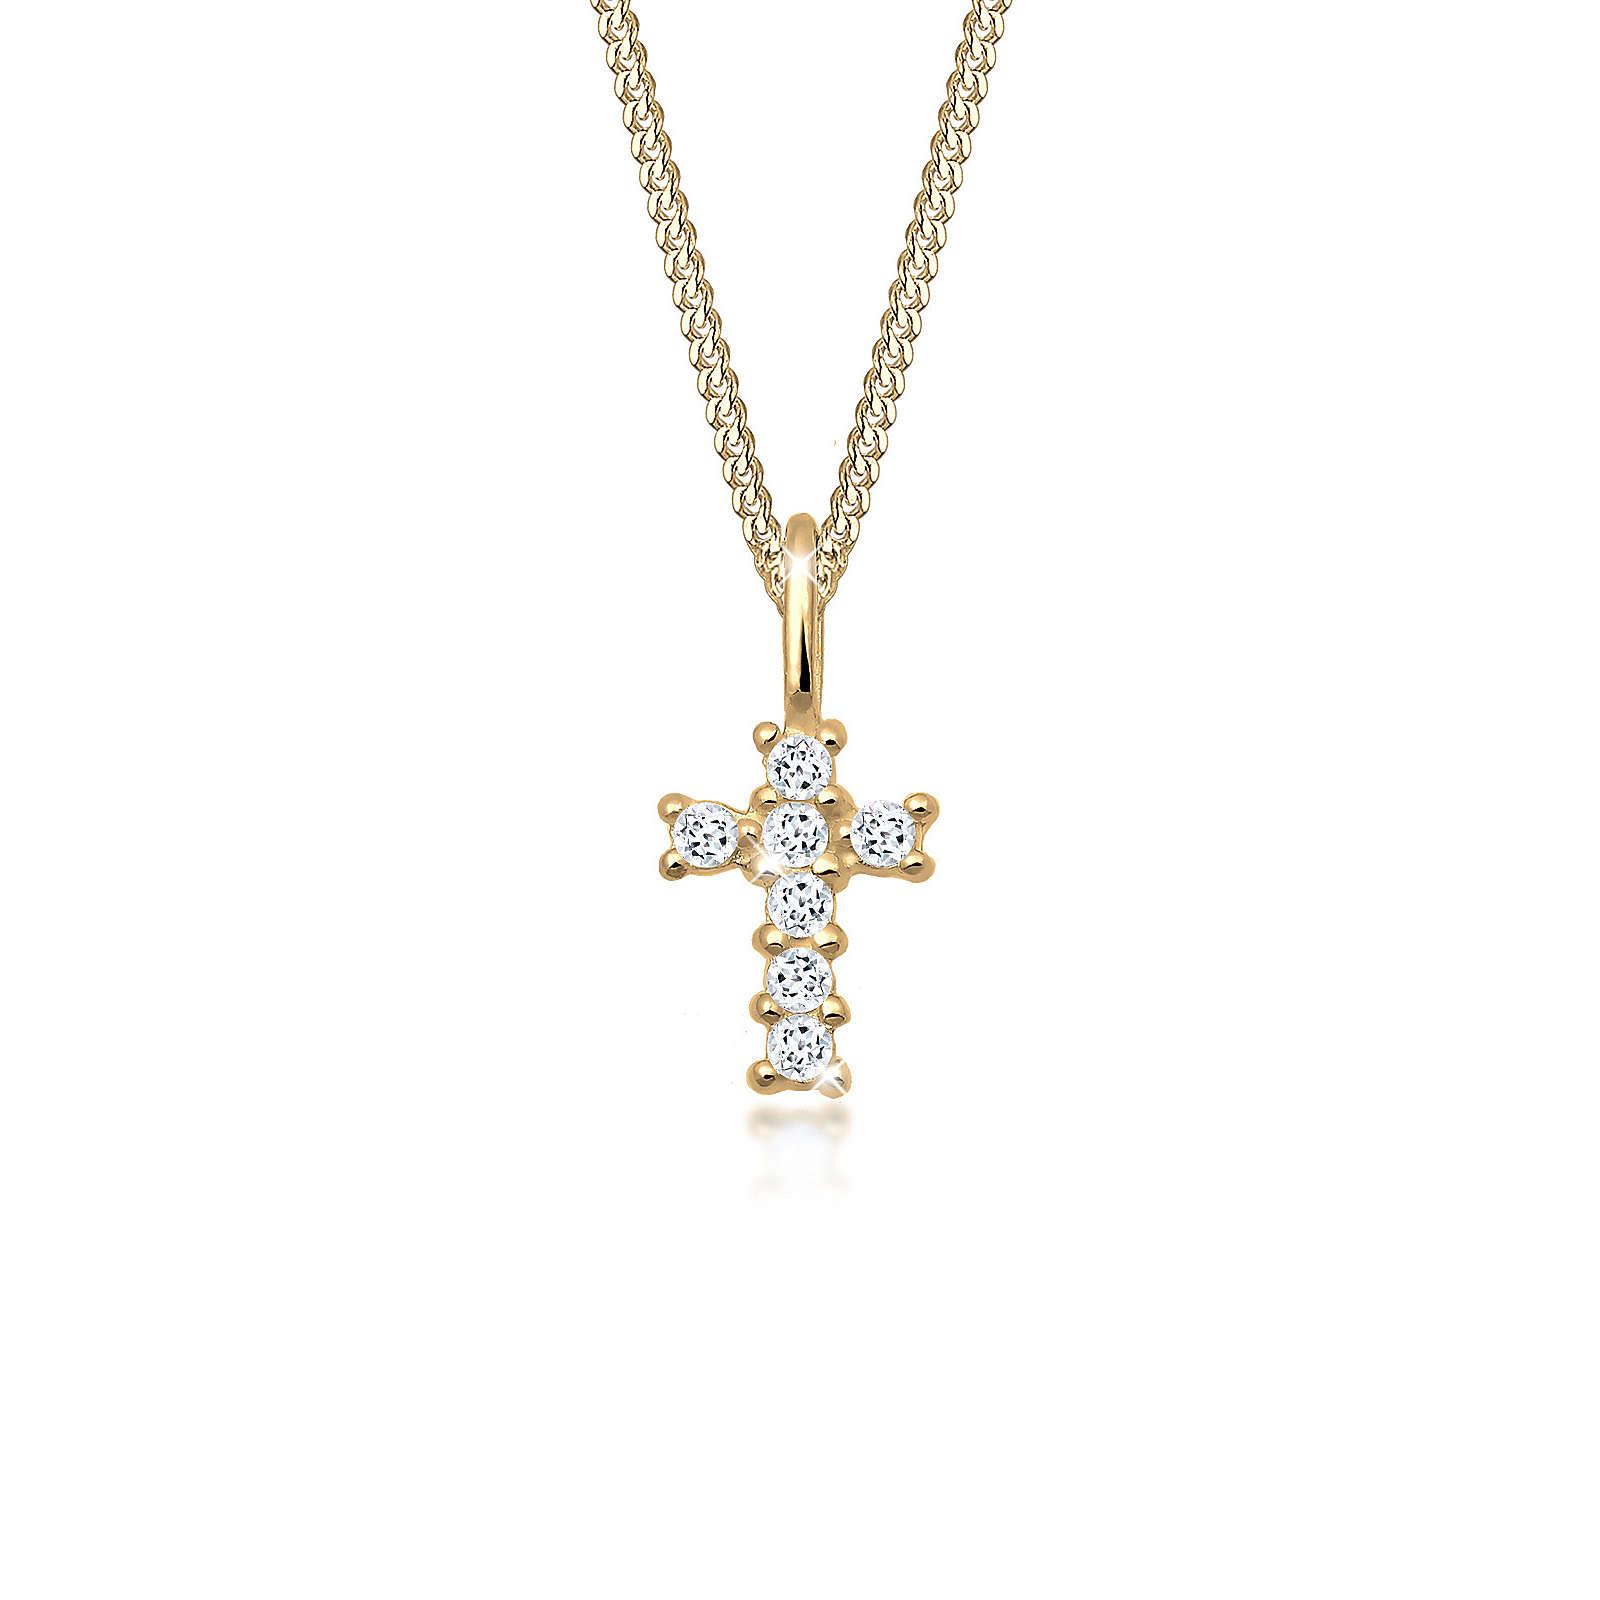 Elli PREMIUM Halskette Kreuz Religion Glaube Symbol Topas 585 Gelbgold Halsketten gold Damen Gr. one size